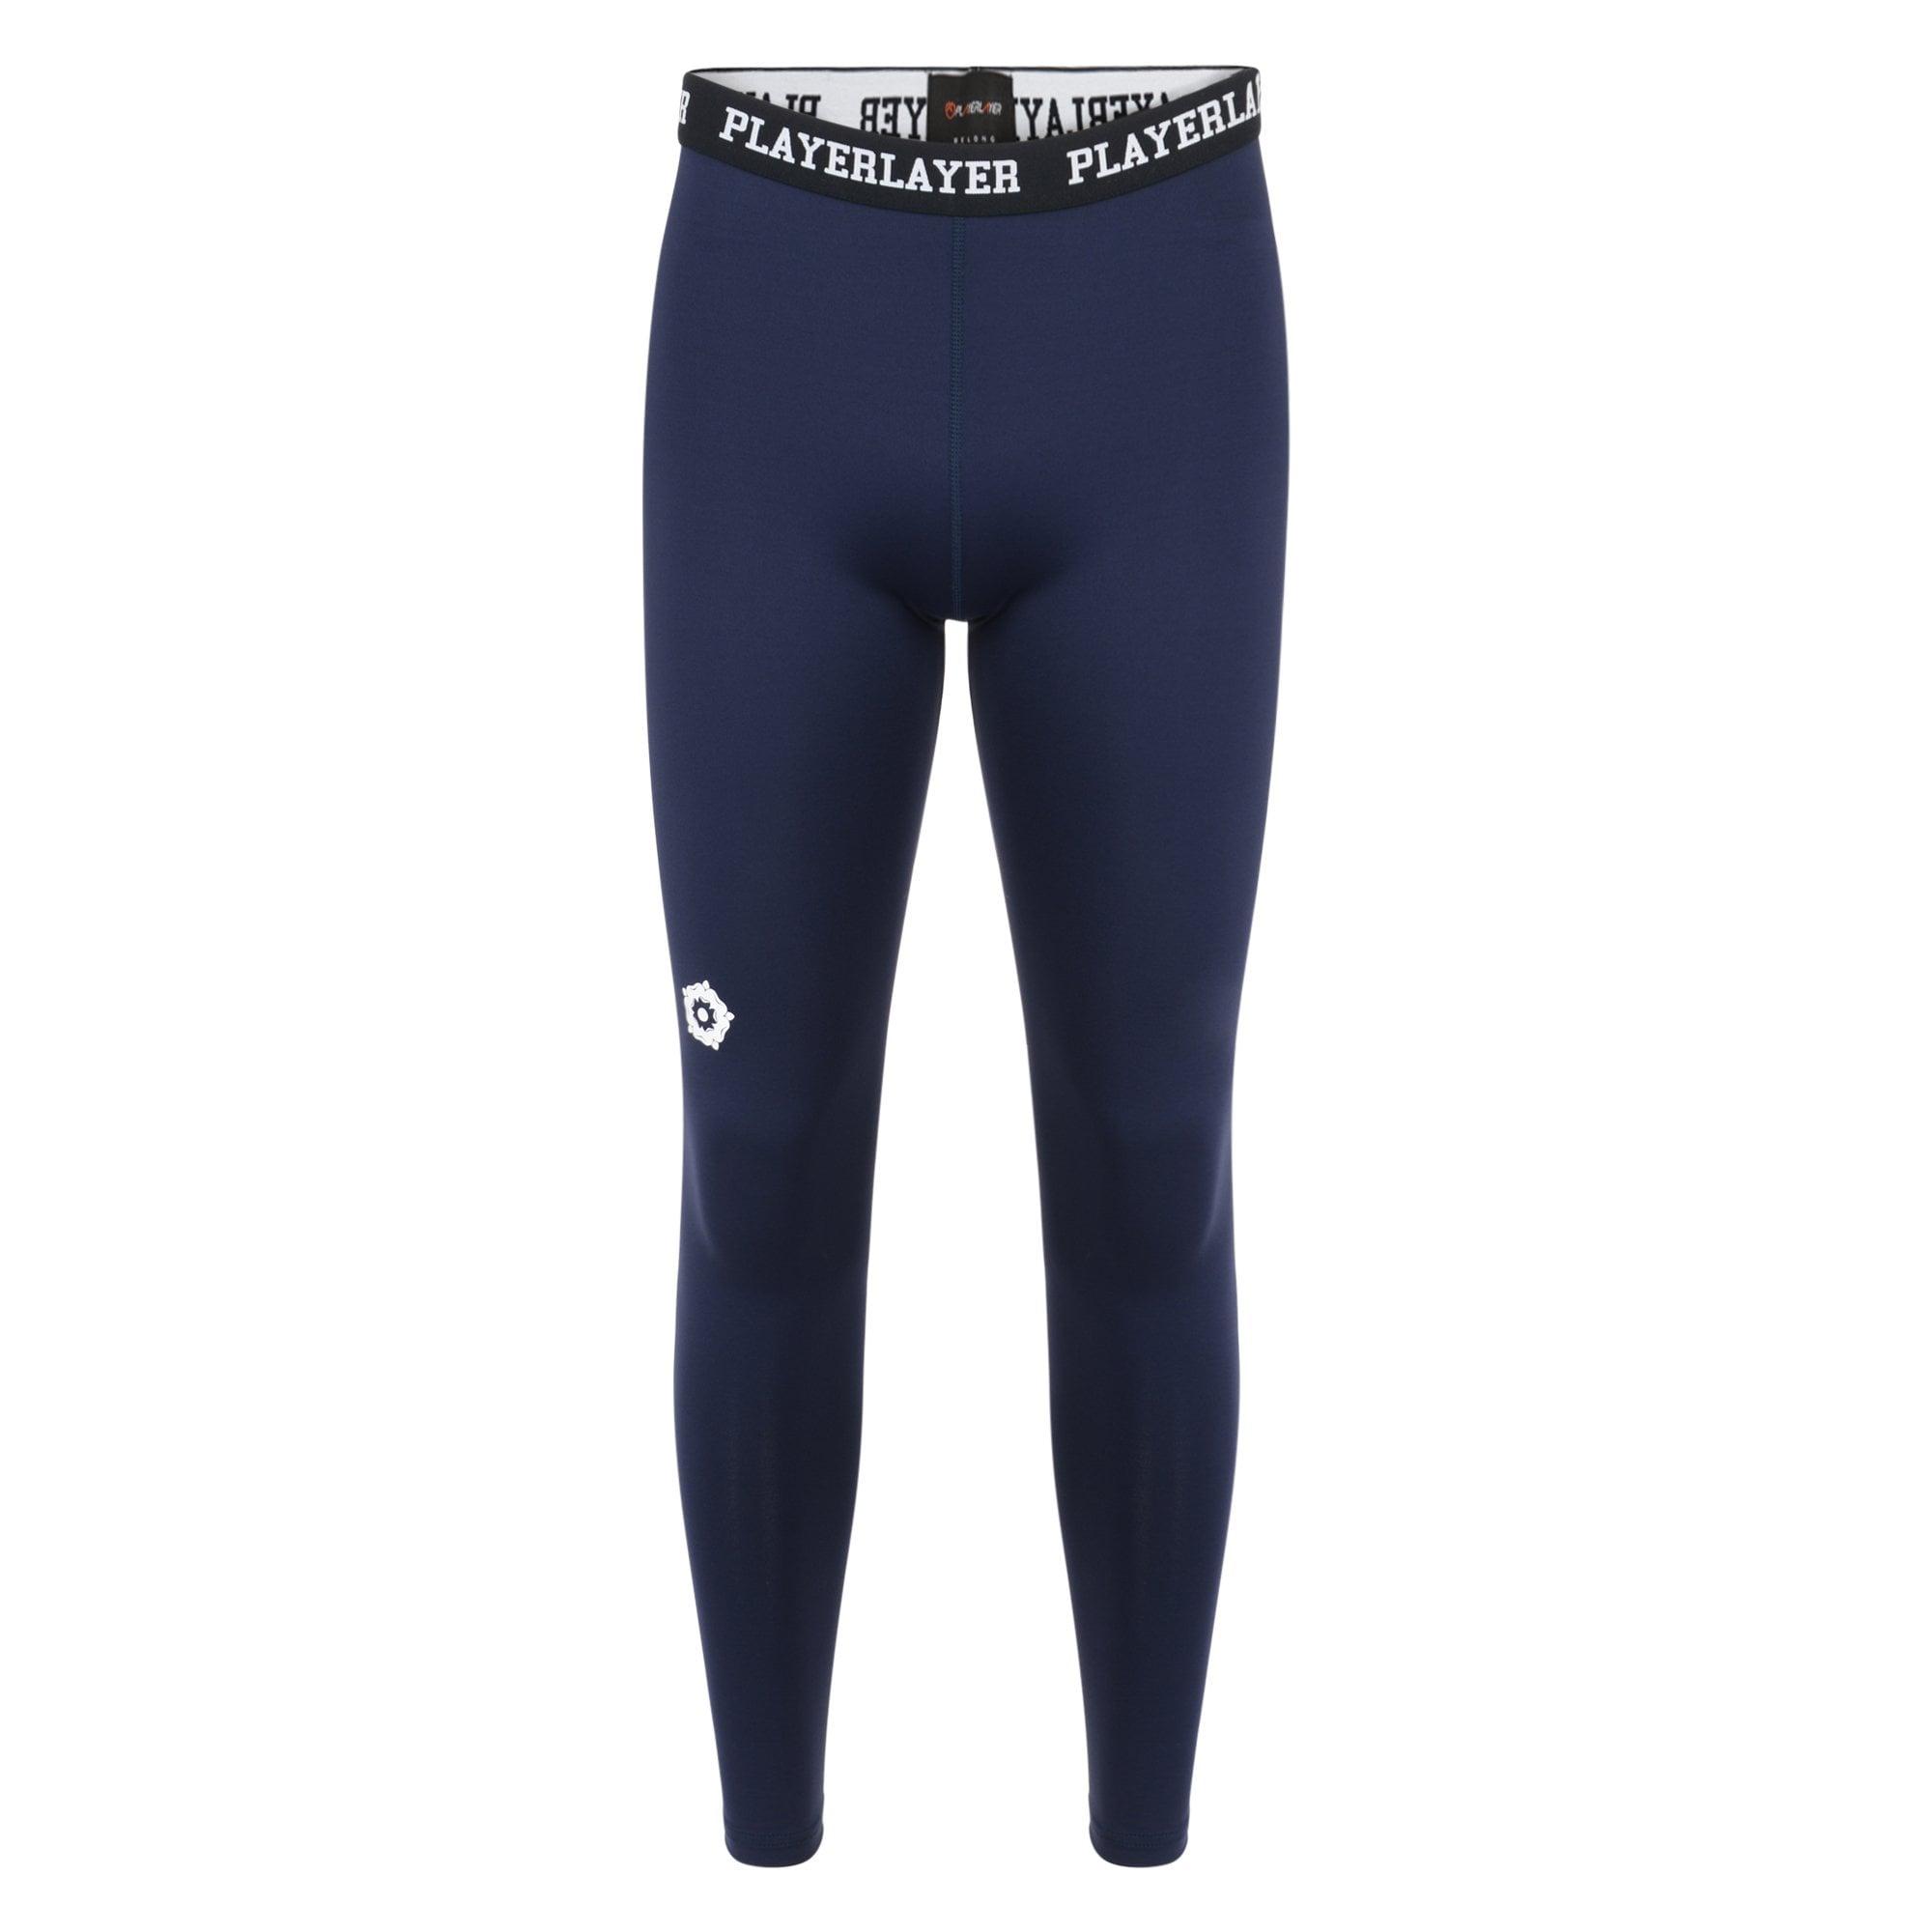 KES Boys Leggings, All Sizes - School & Clubwear from John Moore Sports UK